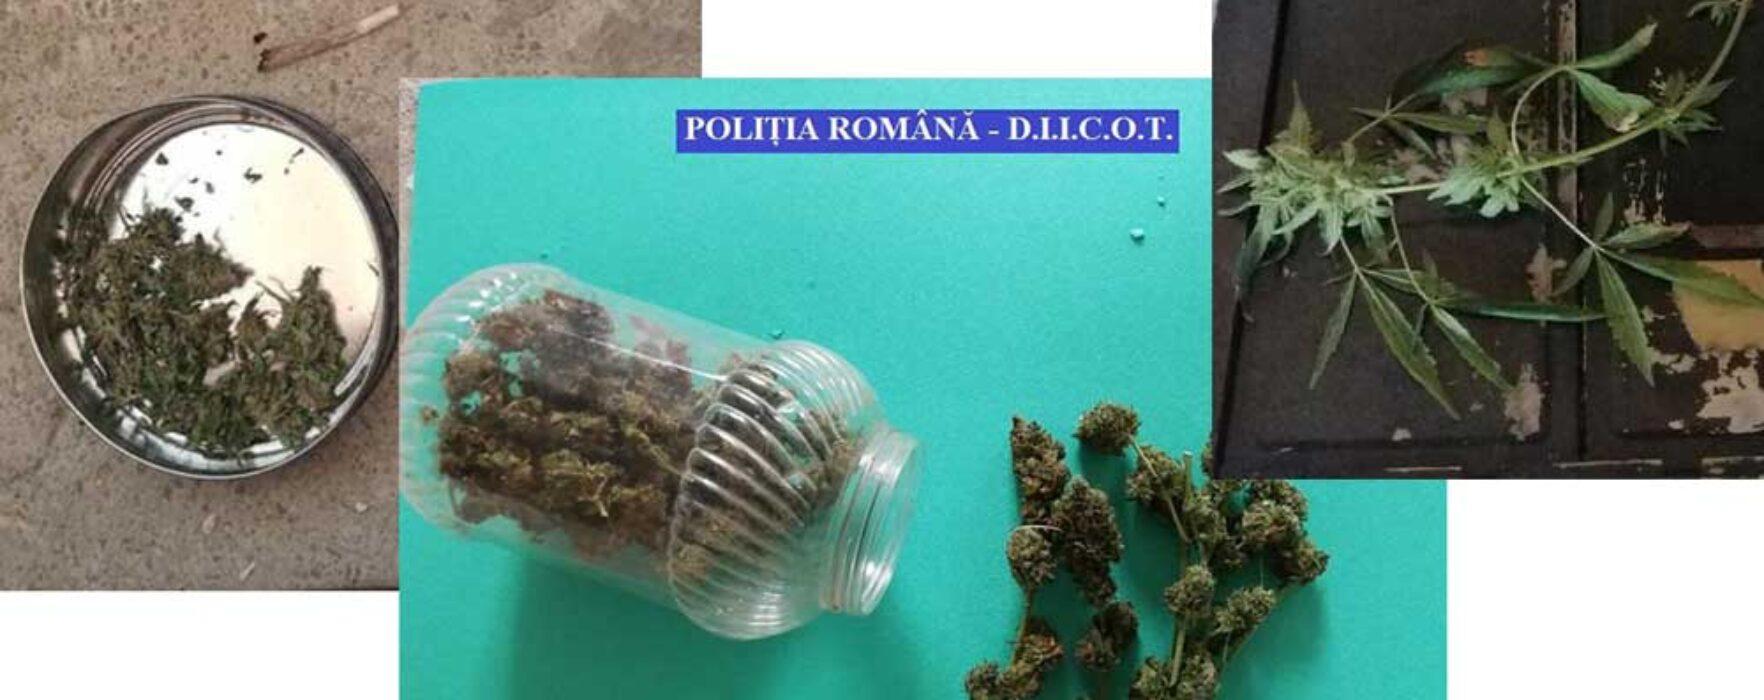 Dâmboviţa: Percheziţii la bănuiţi de trafic de droguri, cultură de cannabis descoperită la Băleni